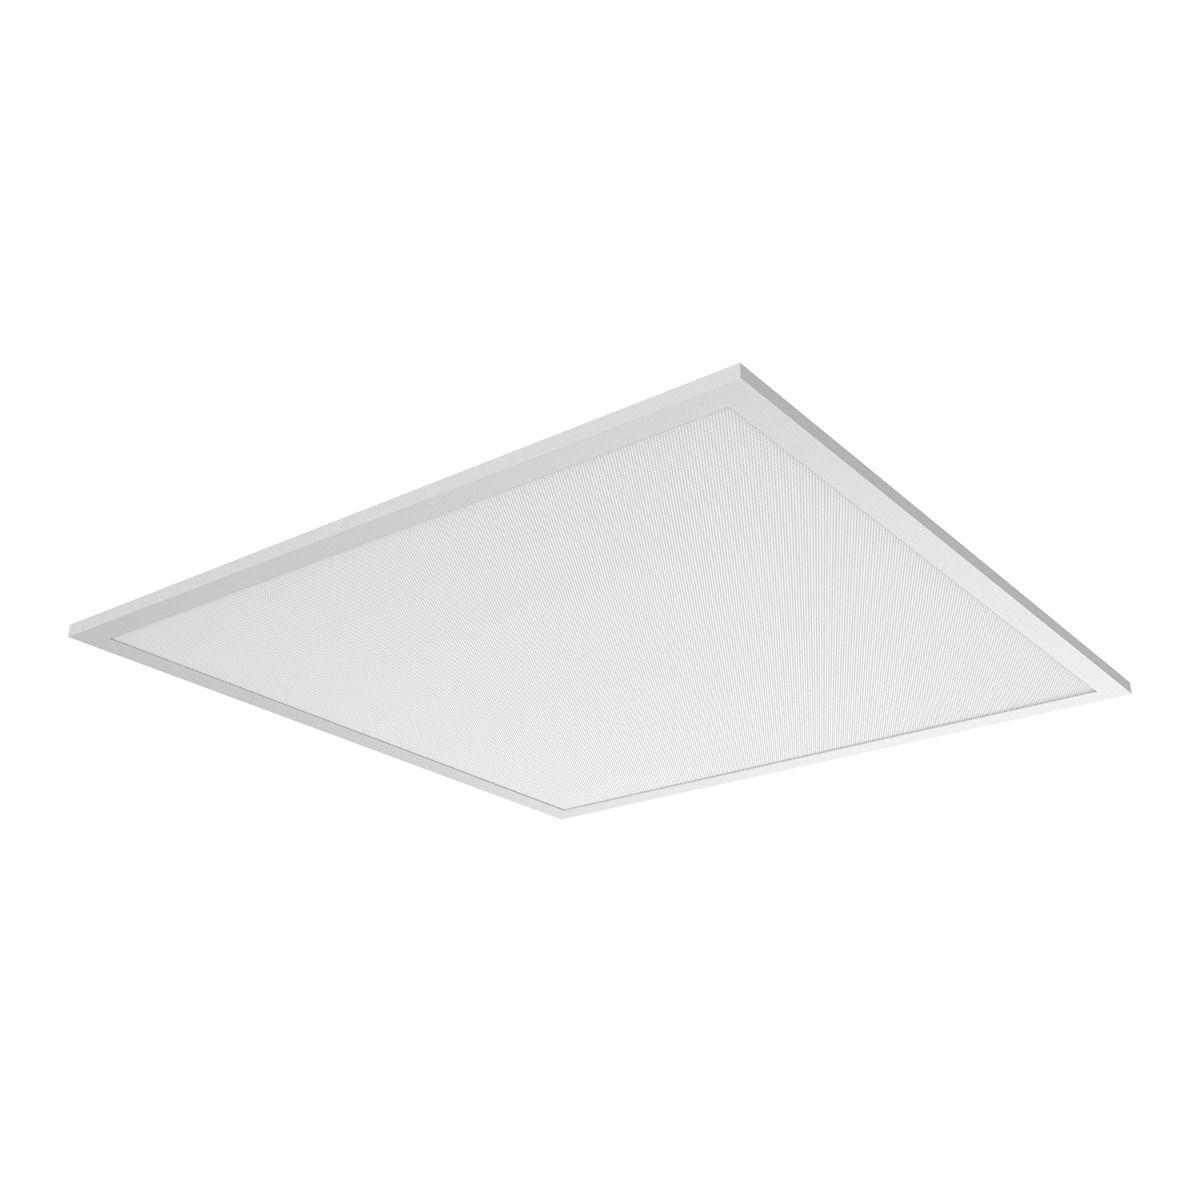 Noxion LED Paneel Delta Pro V3 30W 3000K 3960lm 60x60cm UGR <19 | Vervanger voor 4x18W